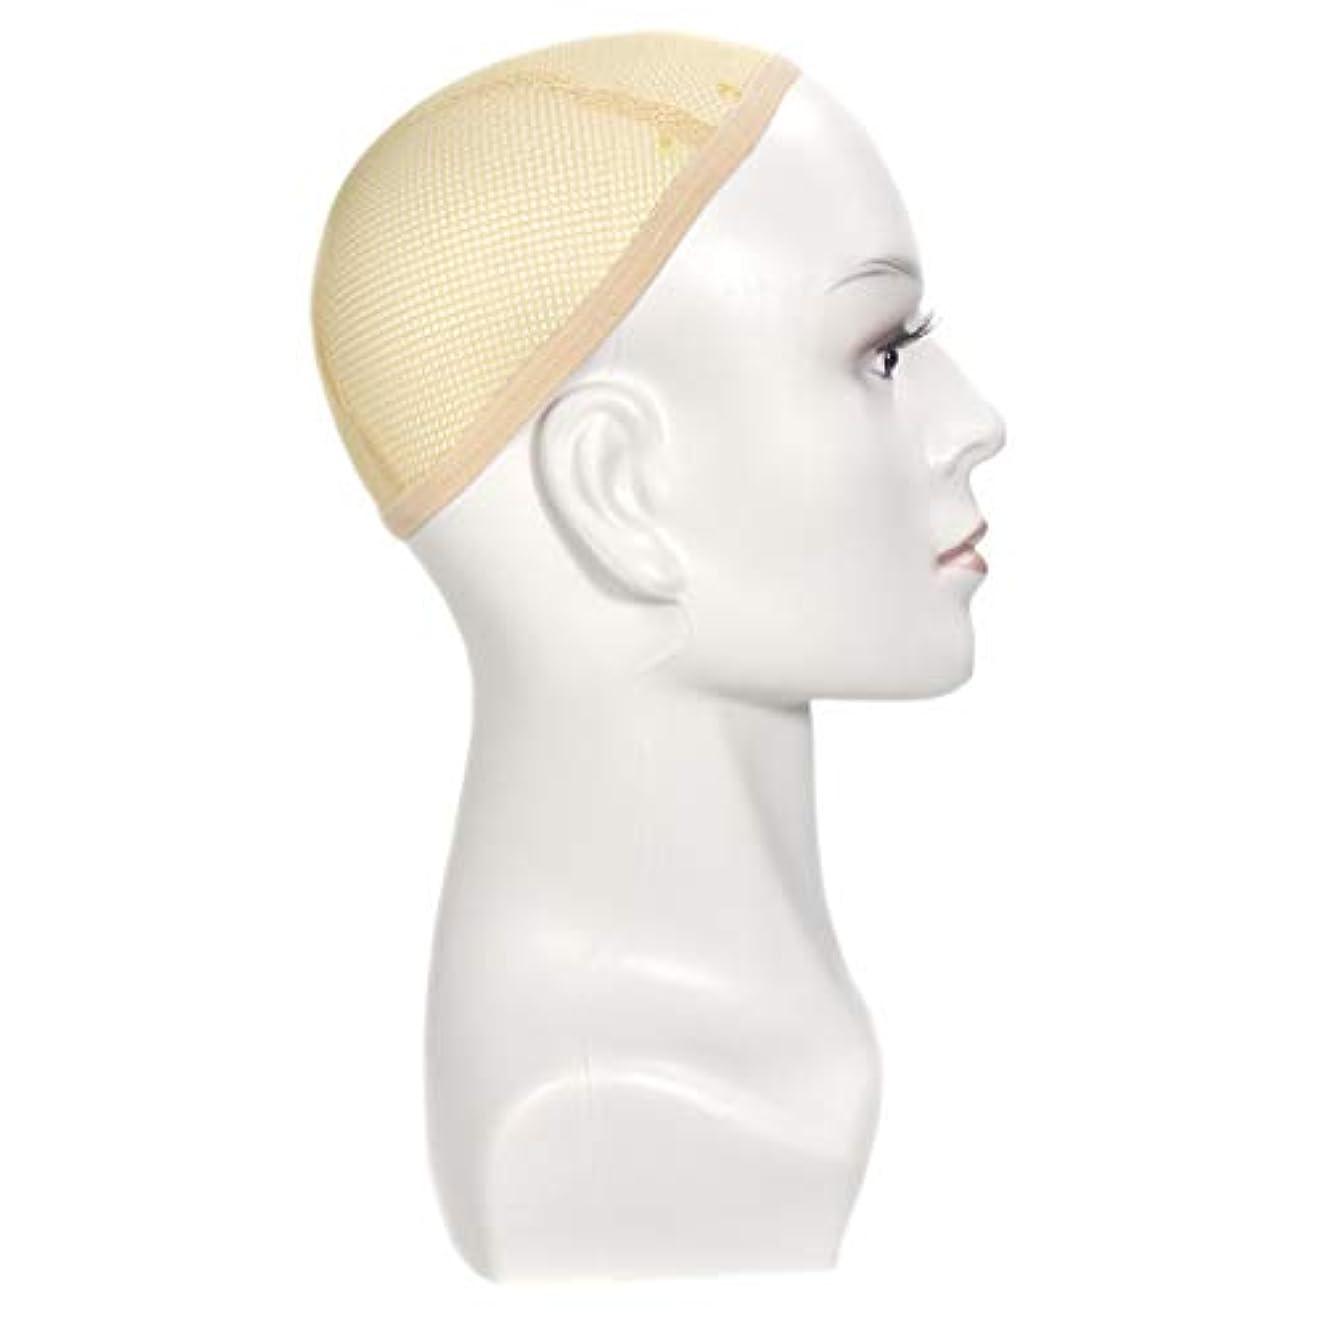 手首おもてなし例示するマネキンヘッド 肌色 メイク メイクトレーニング 頭部モデル ディスプレイ ホルダー 全2色 - 白